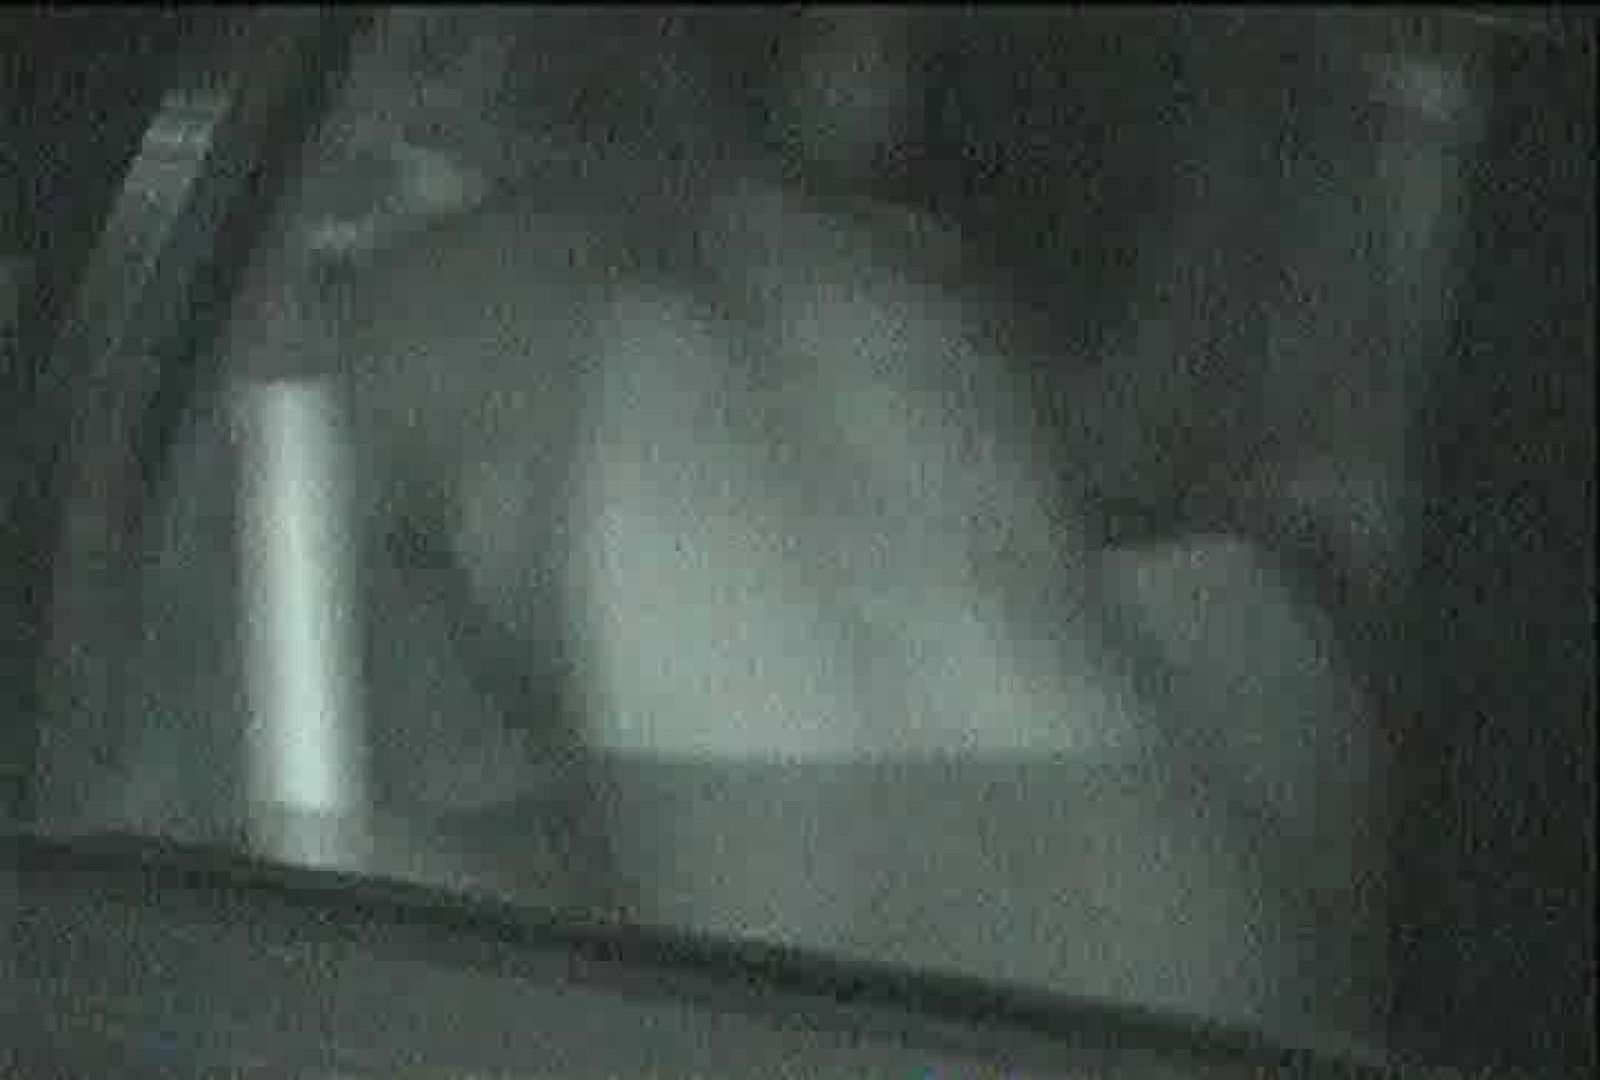 充血監督の深夜の運動会Vol.81 独身エッチOL | ギャルライフ  48pic 23